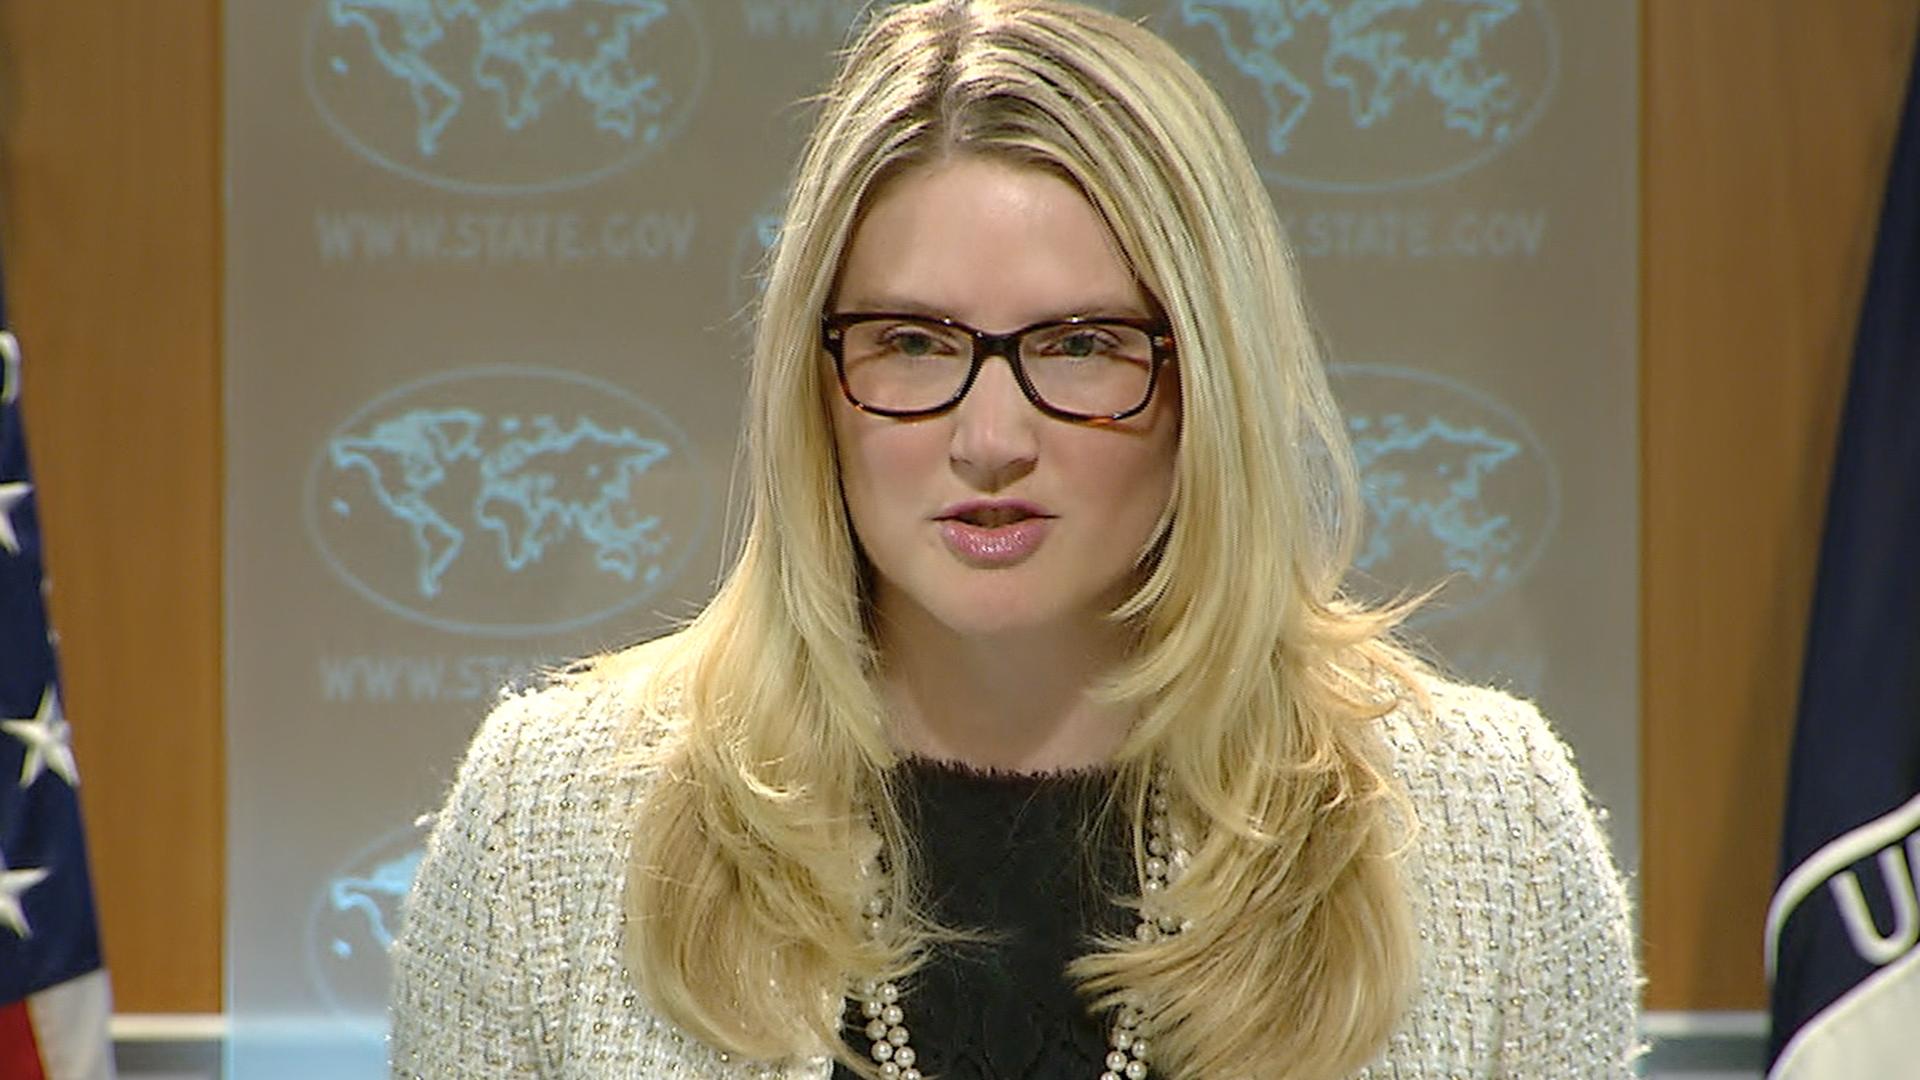 EEUU revoca visas a funcionarios venezolanos